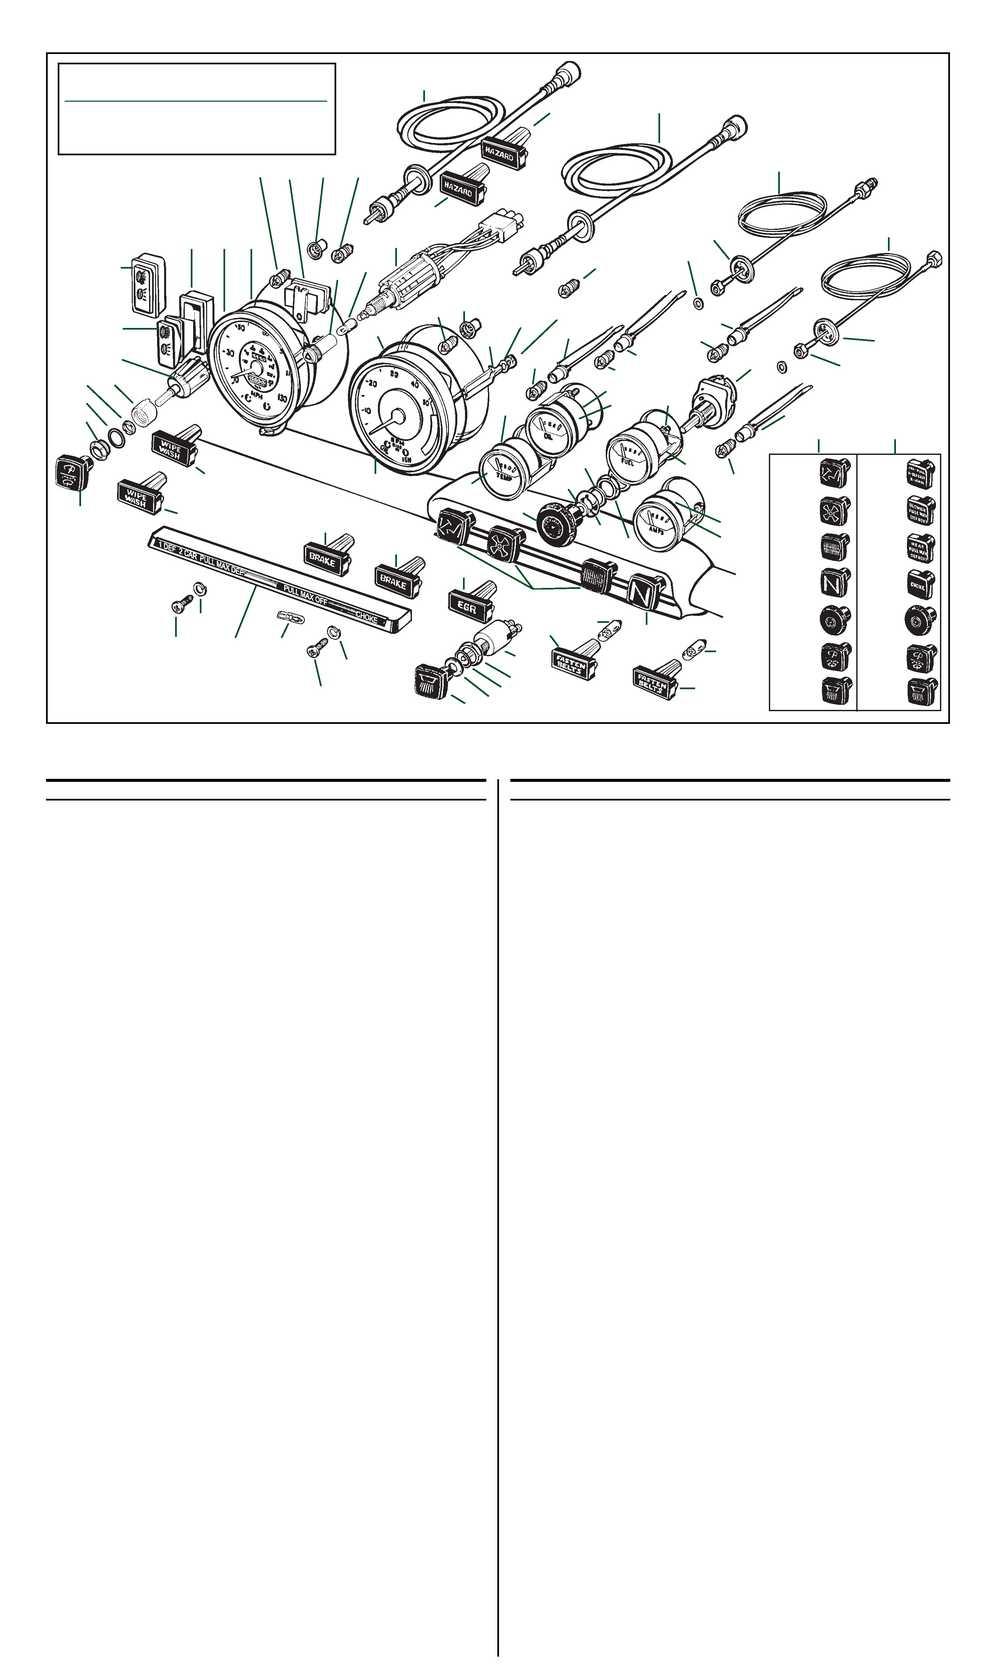 Ausgezeichnet 1973 Triumph Tr6 Schaltplan Bilder - Der Schaltplan ...